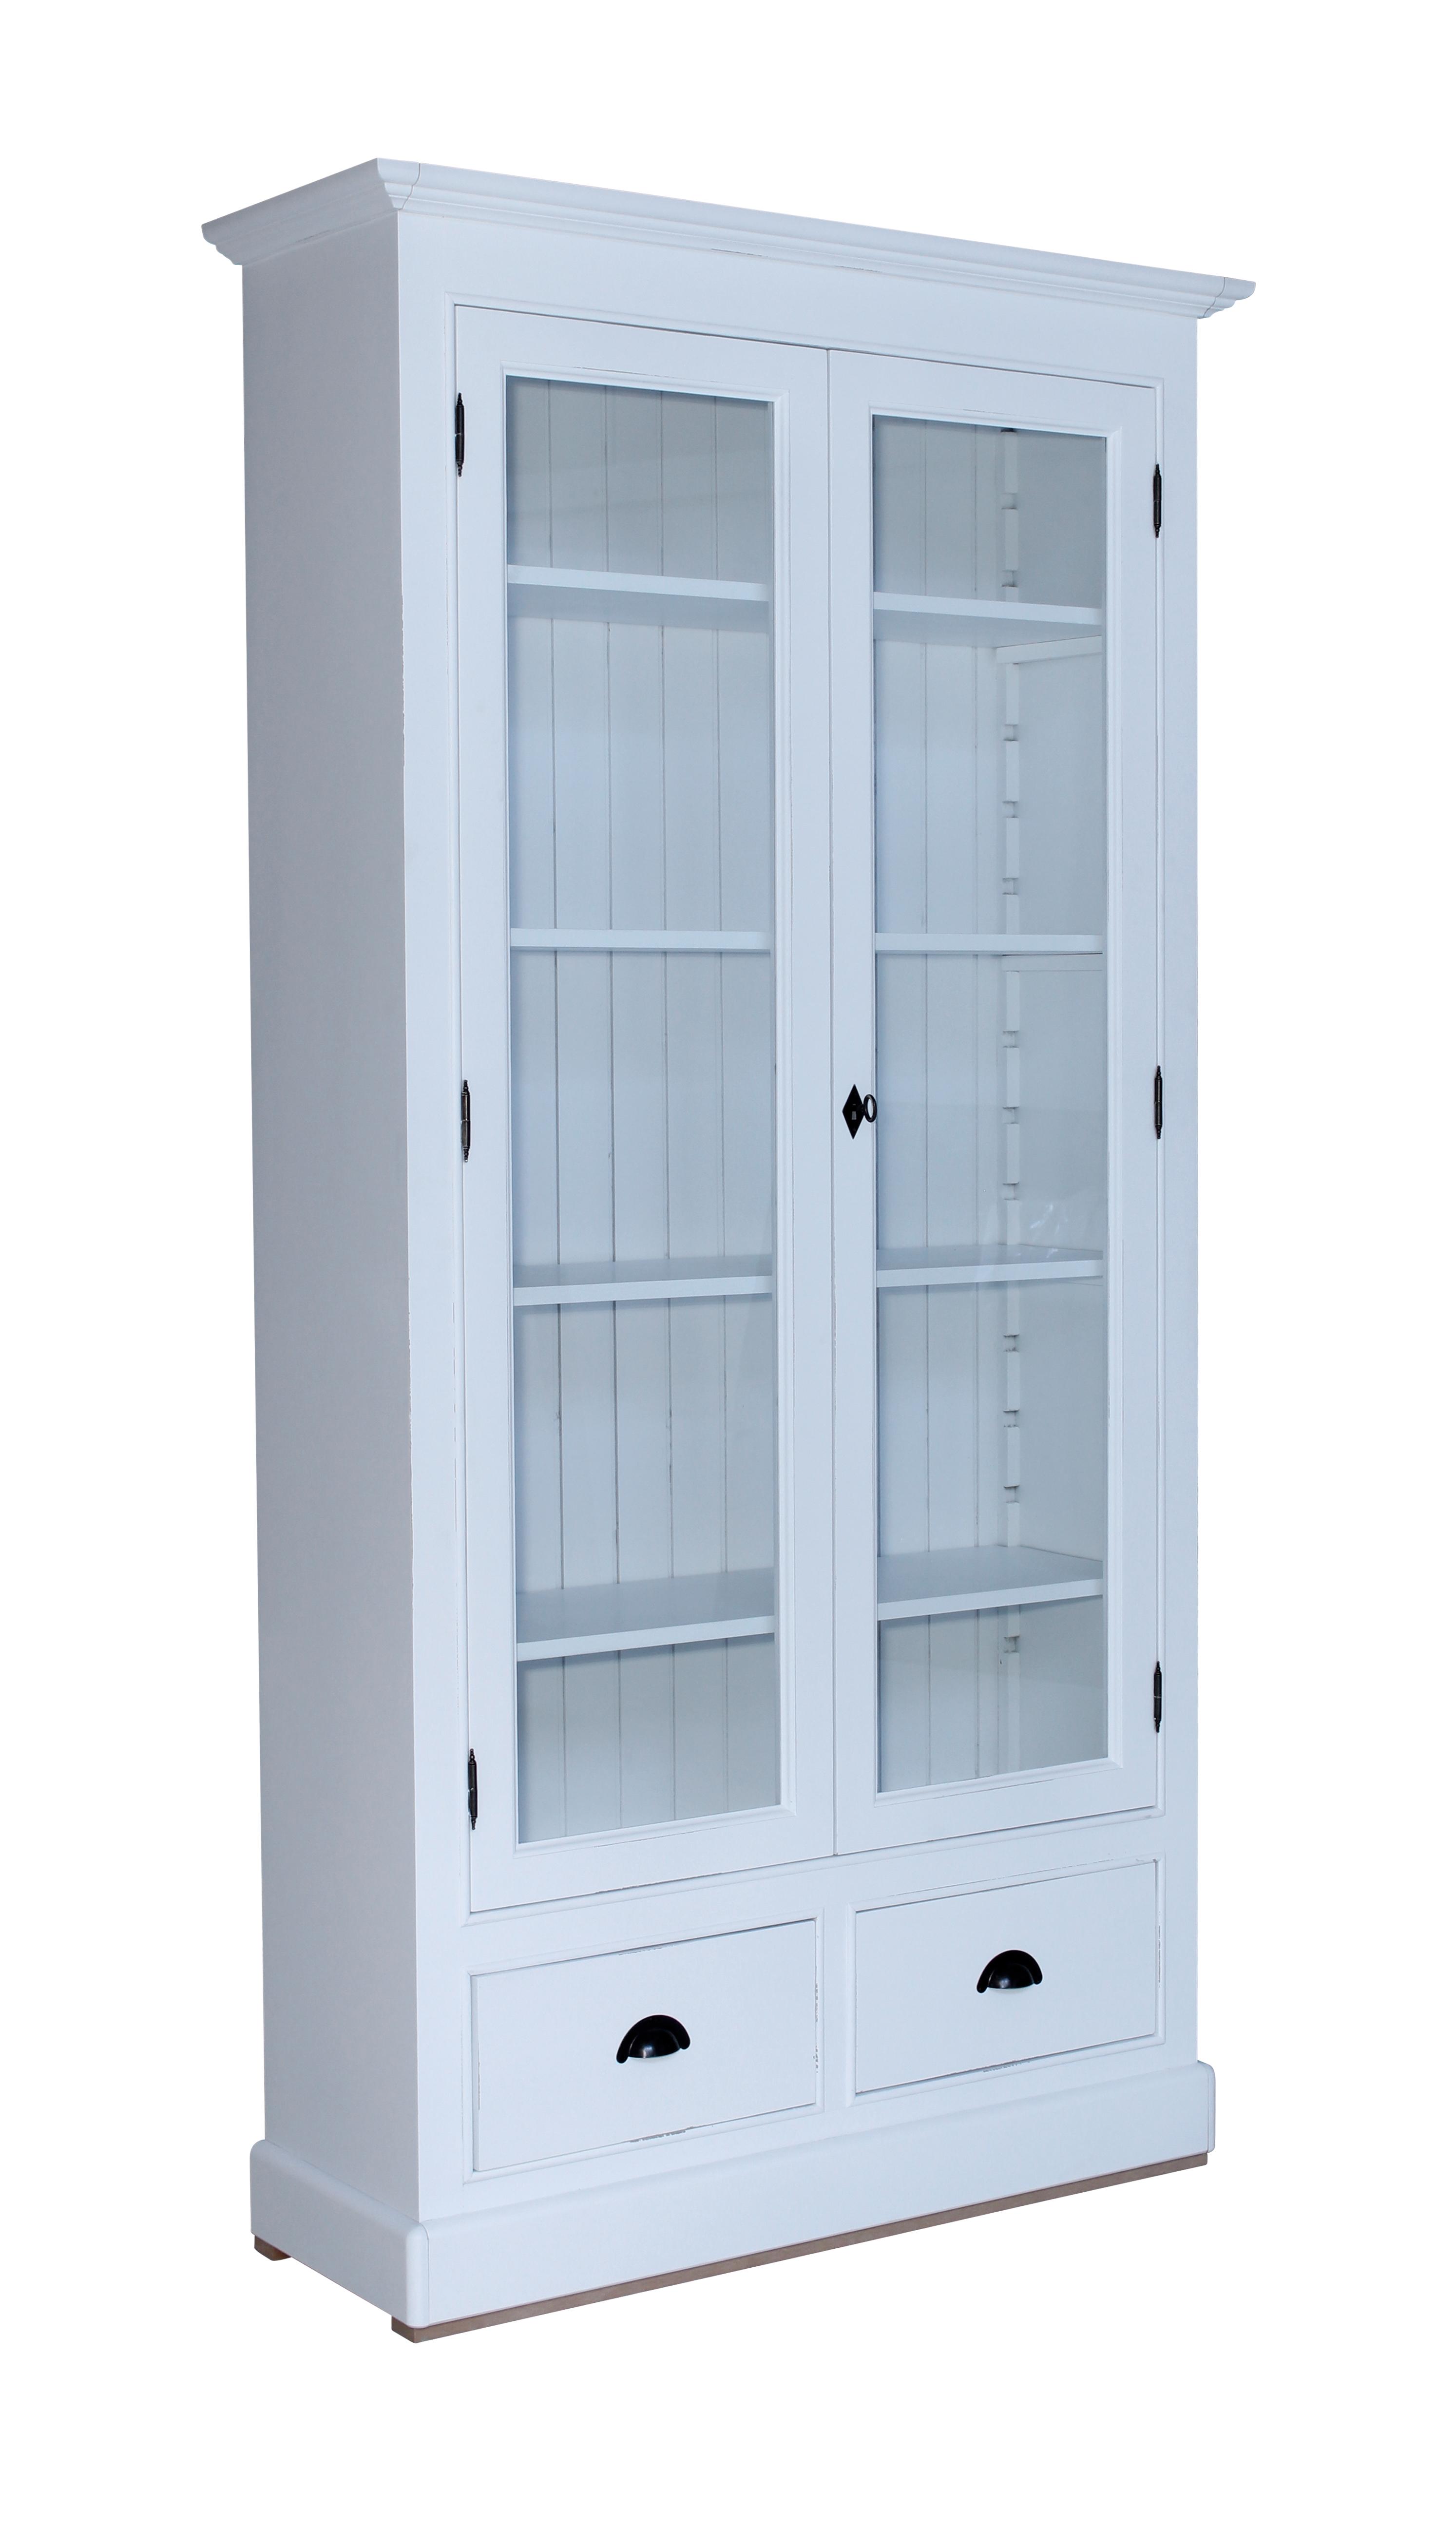 Isabell bokskåp med glasdörrar Antik Vit 6695 kr Trendrum se